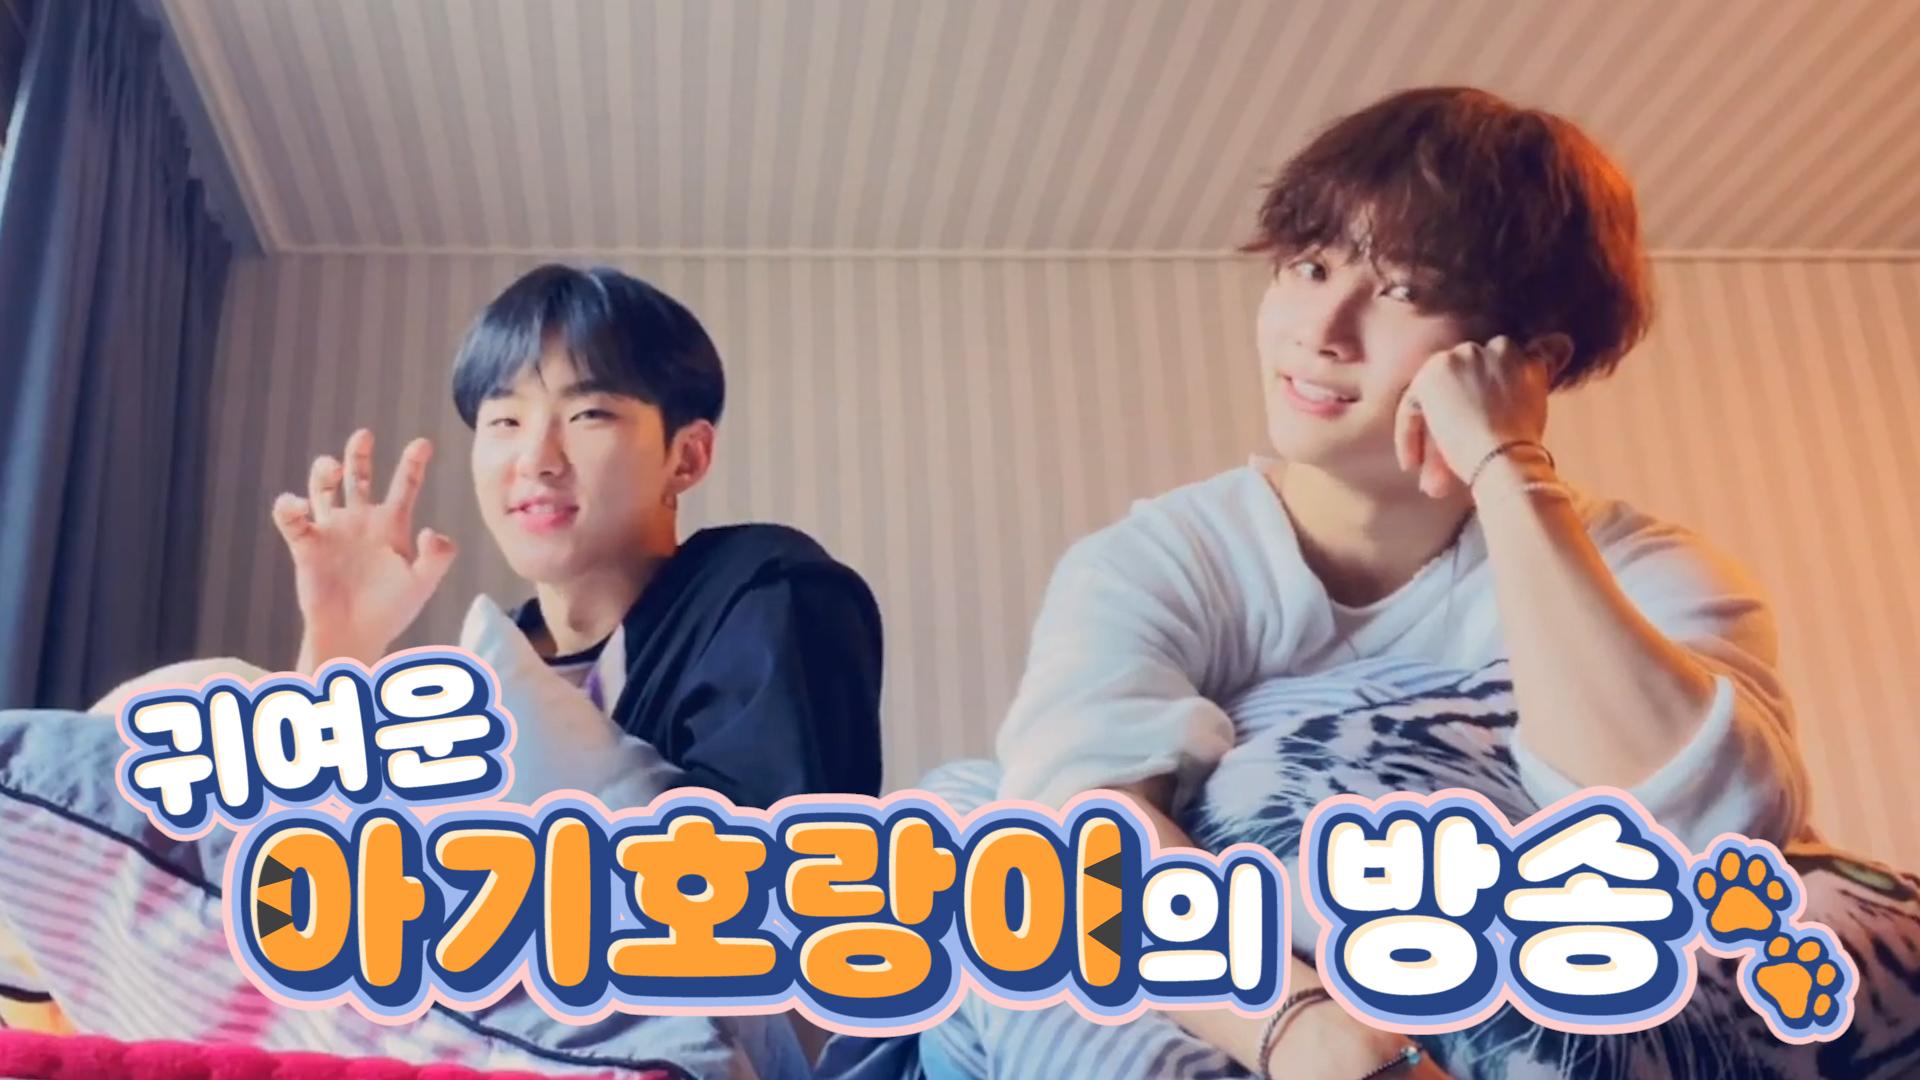 [SEVENTEEN] 다시는 호랑이(햄찌 아님)를 놀리지 않겠습니다😭 (Hoshi&Jeonghan talking about Hoshi's nickname)